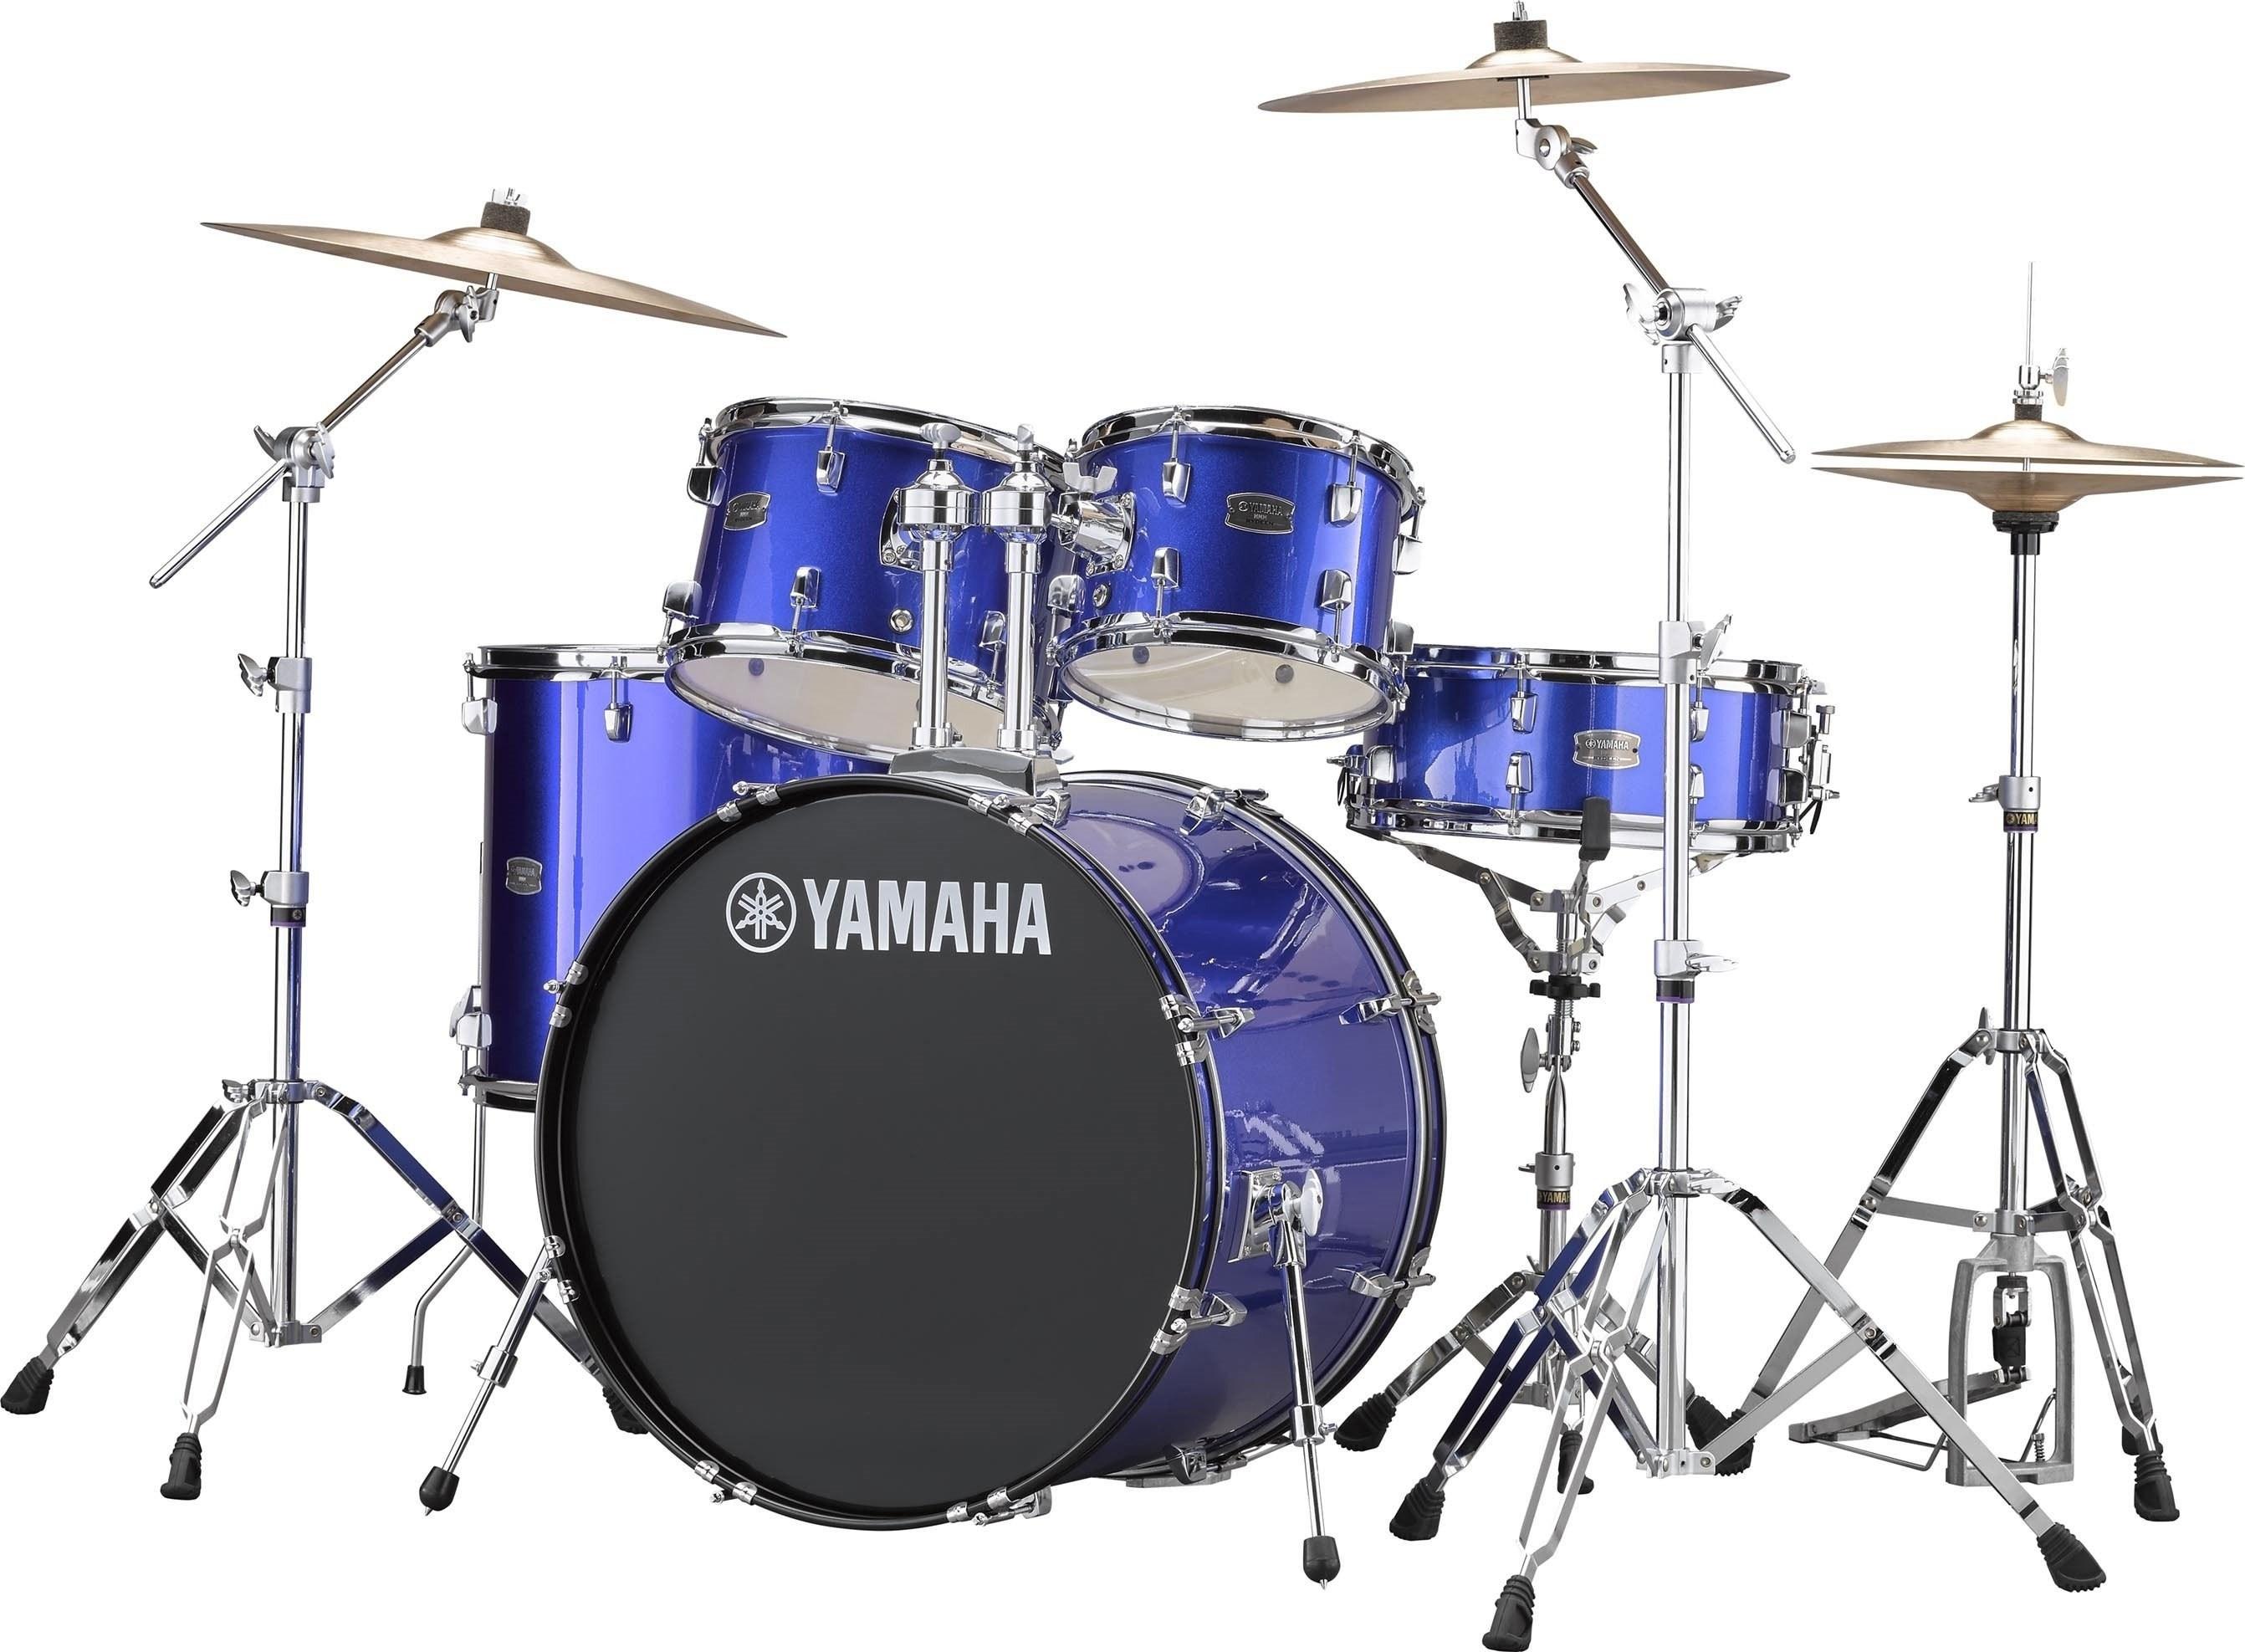 YAMAHA RYDEEN RDP2F5 SET BATTERIA ACUSTICA COLORE FINE BLUE COMPLETA DI PIATTI PAISTE RDP-2F5